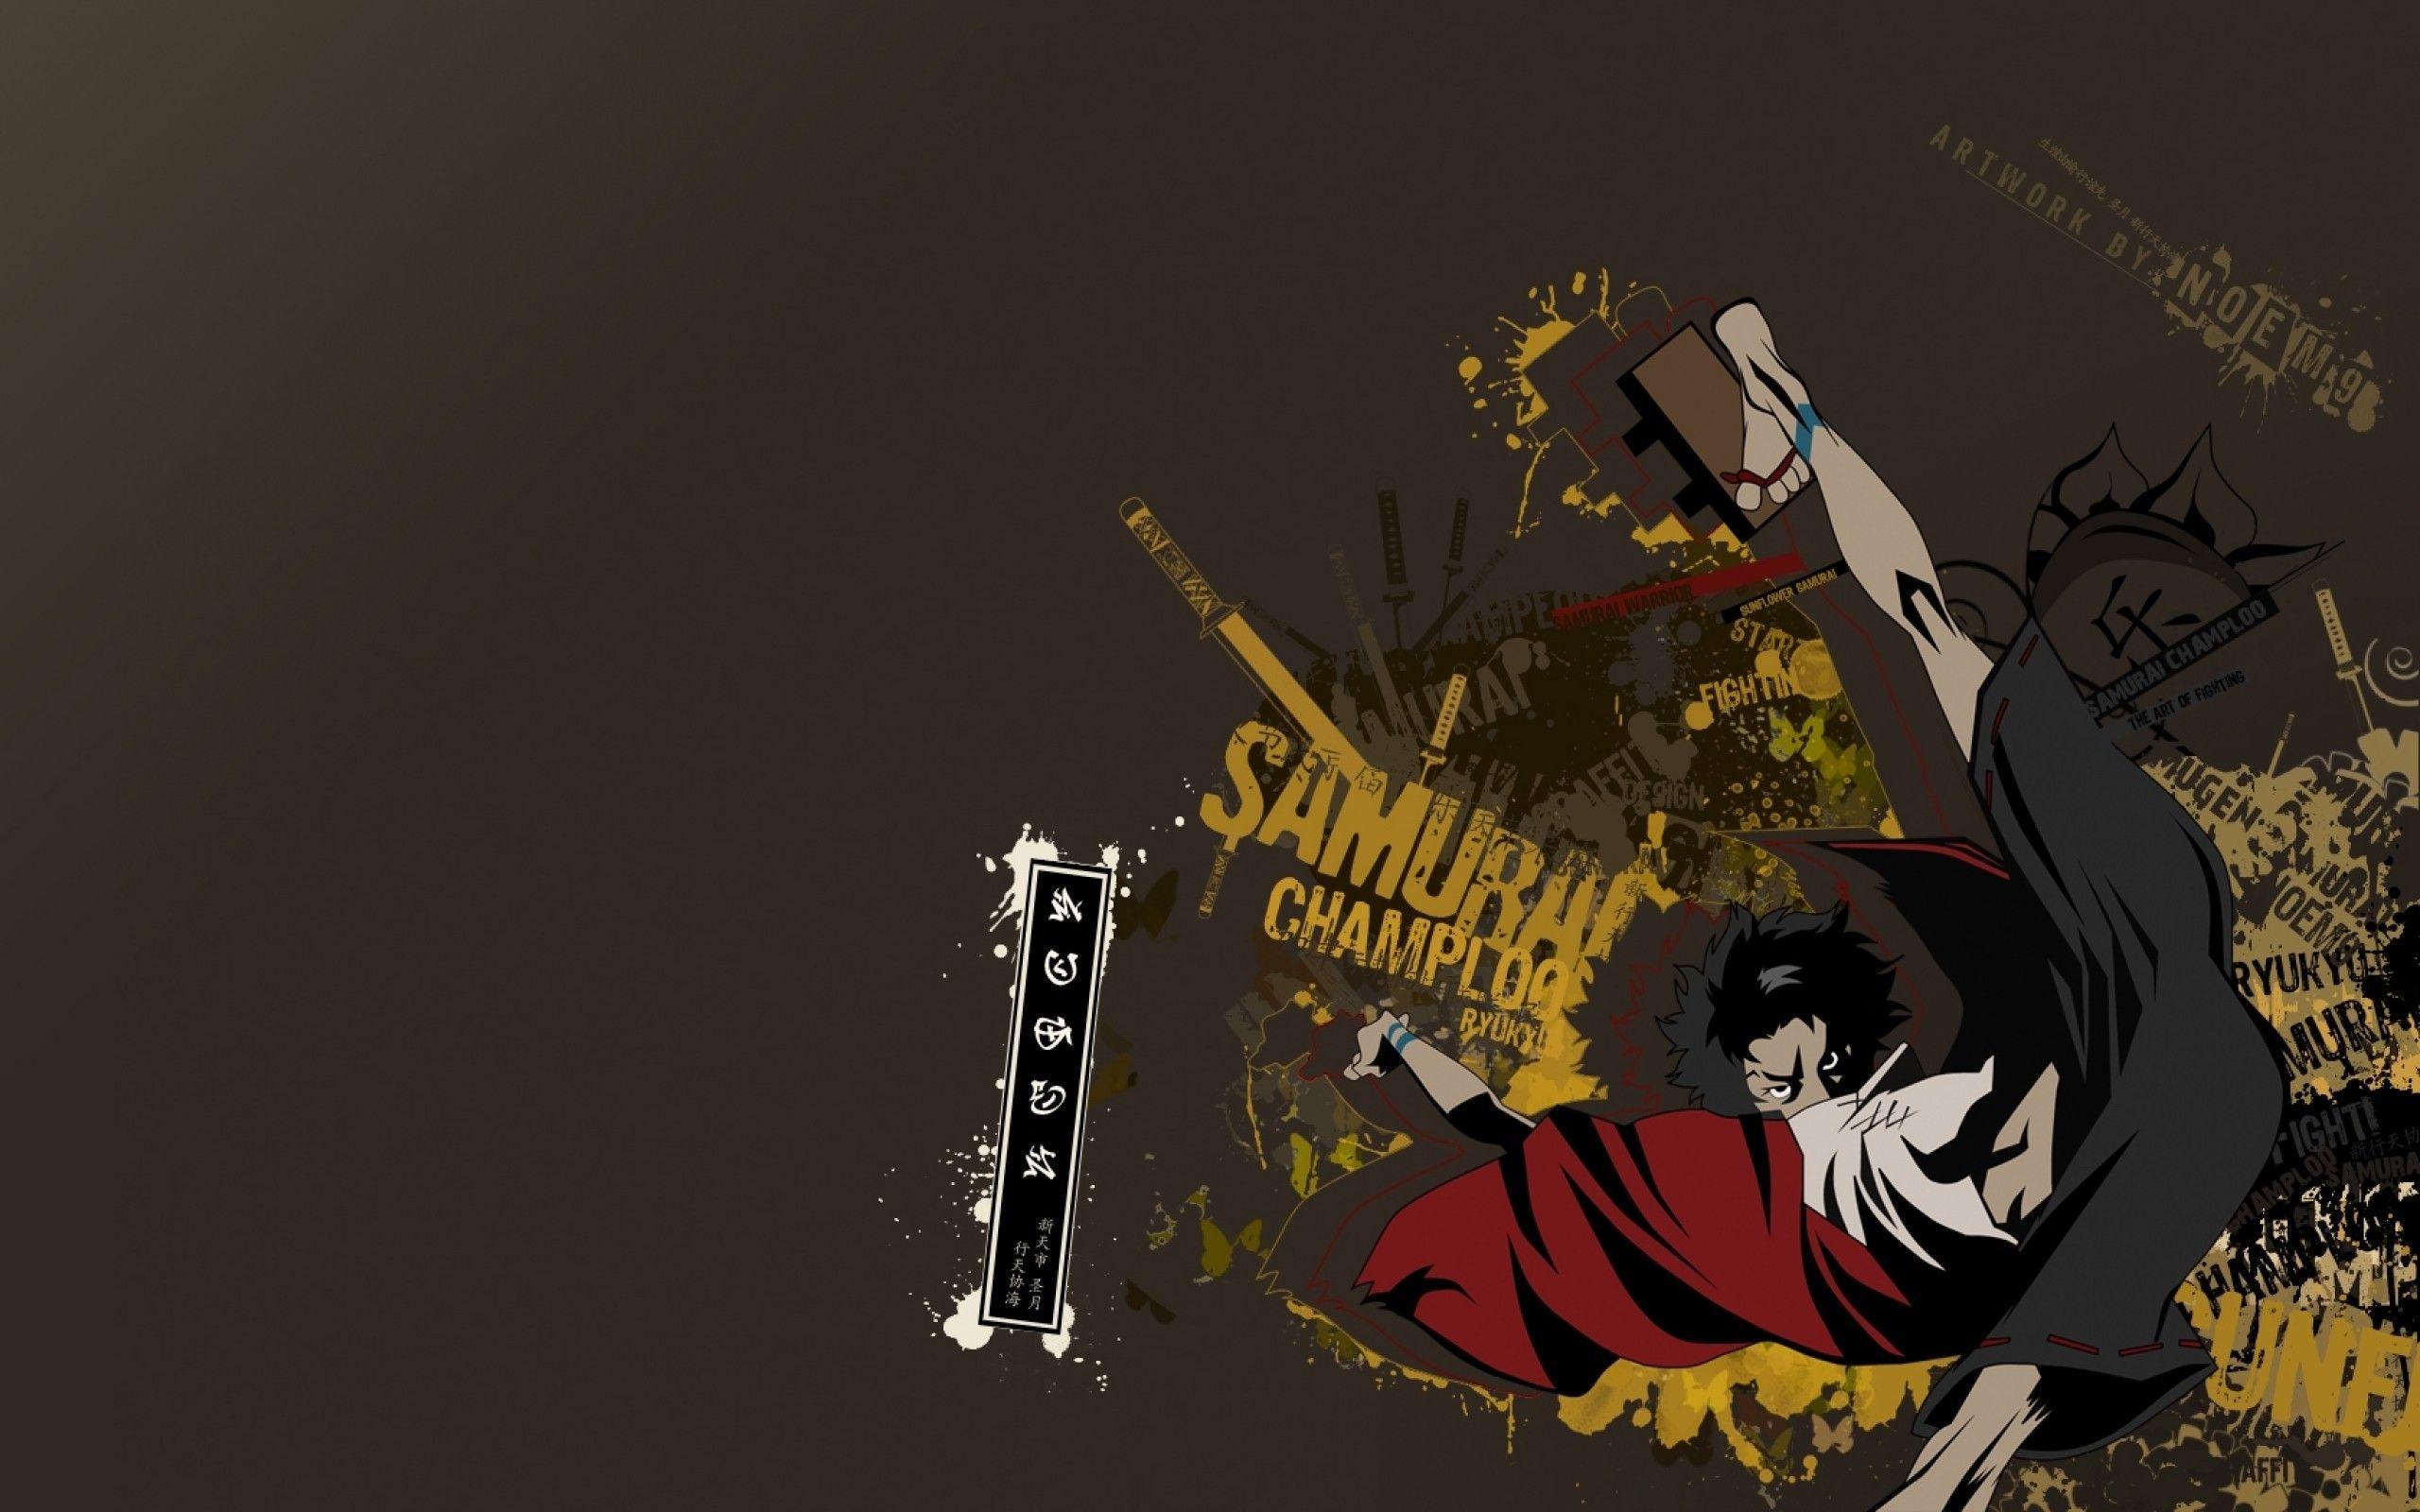 Mugen Samurai Champloo Wallpapers - Top Free Mugen Samurai